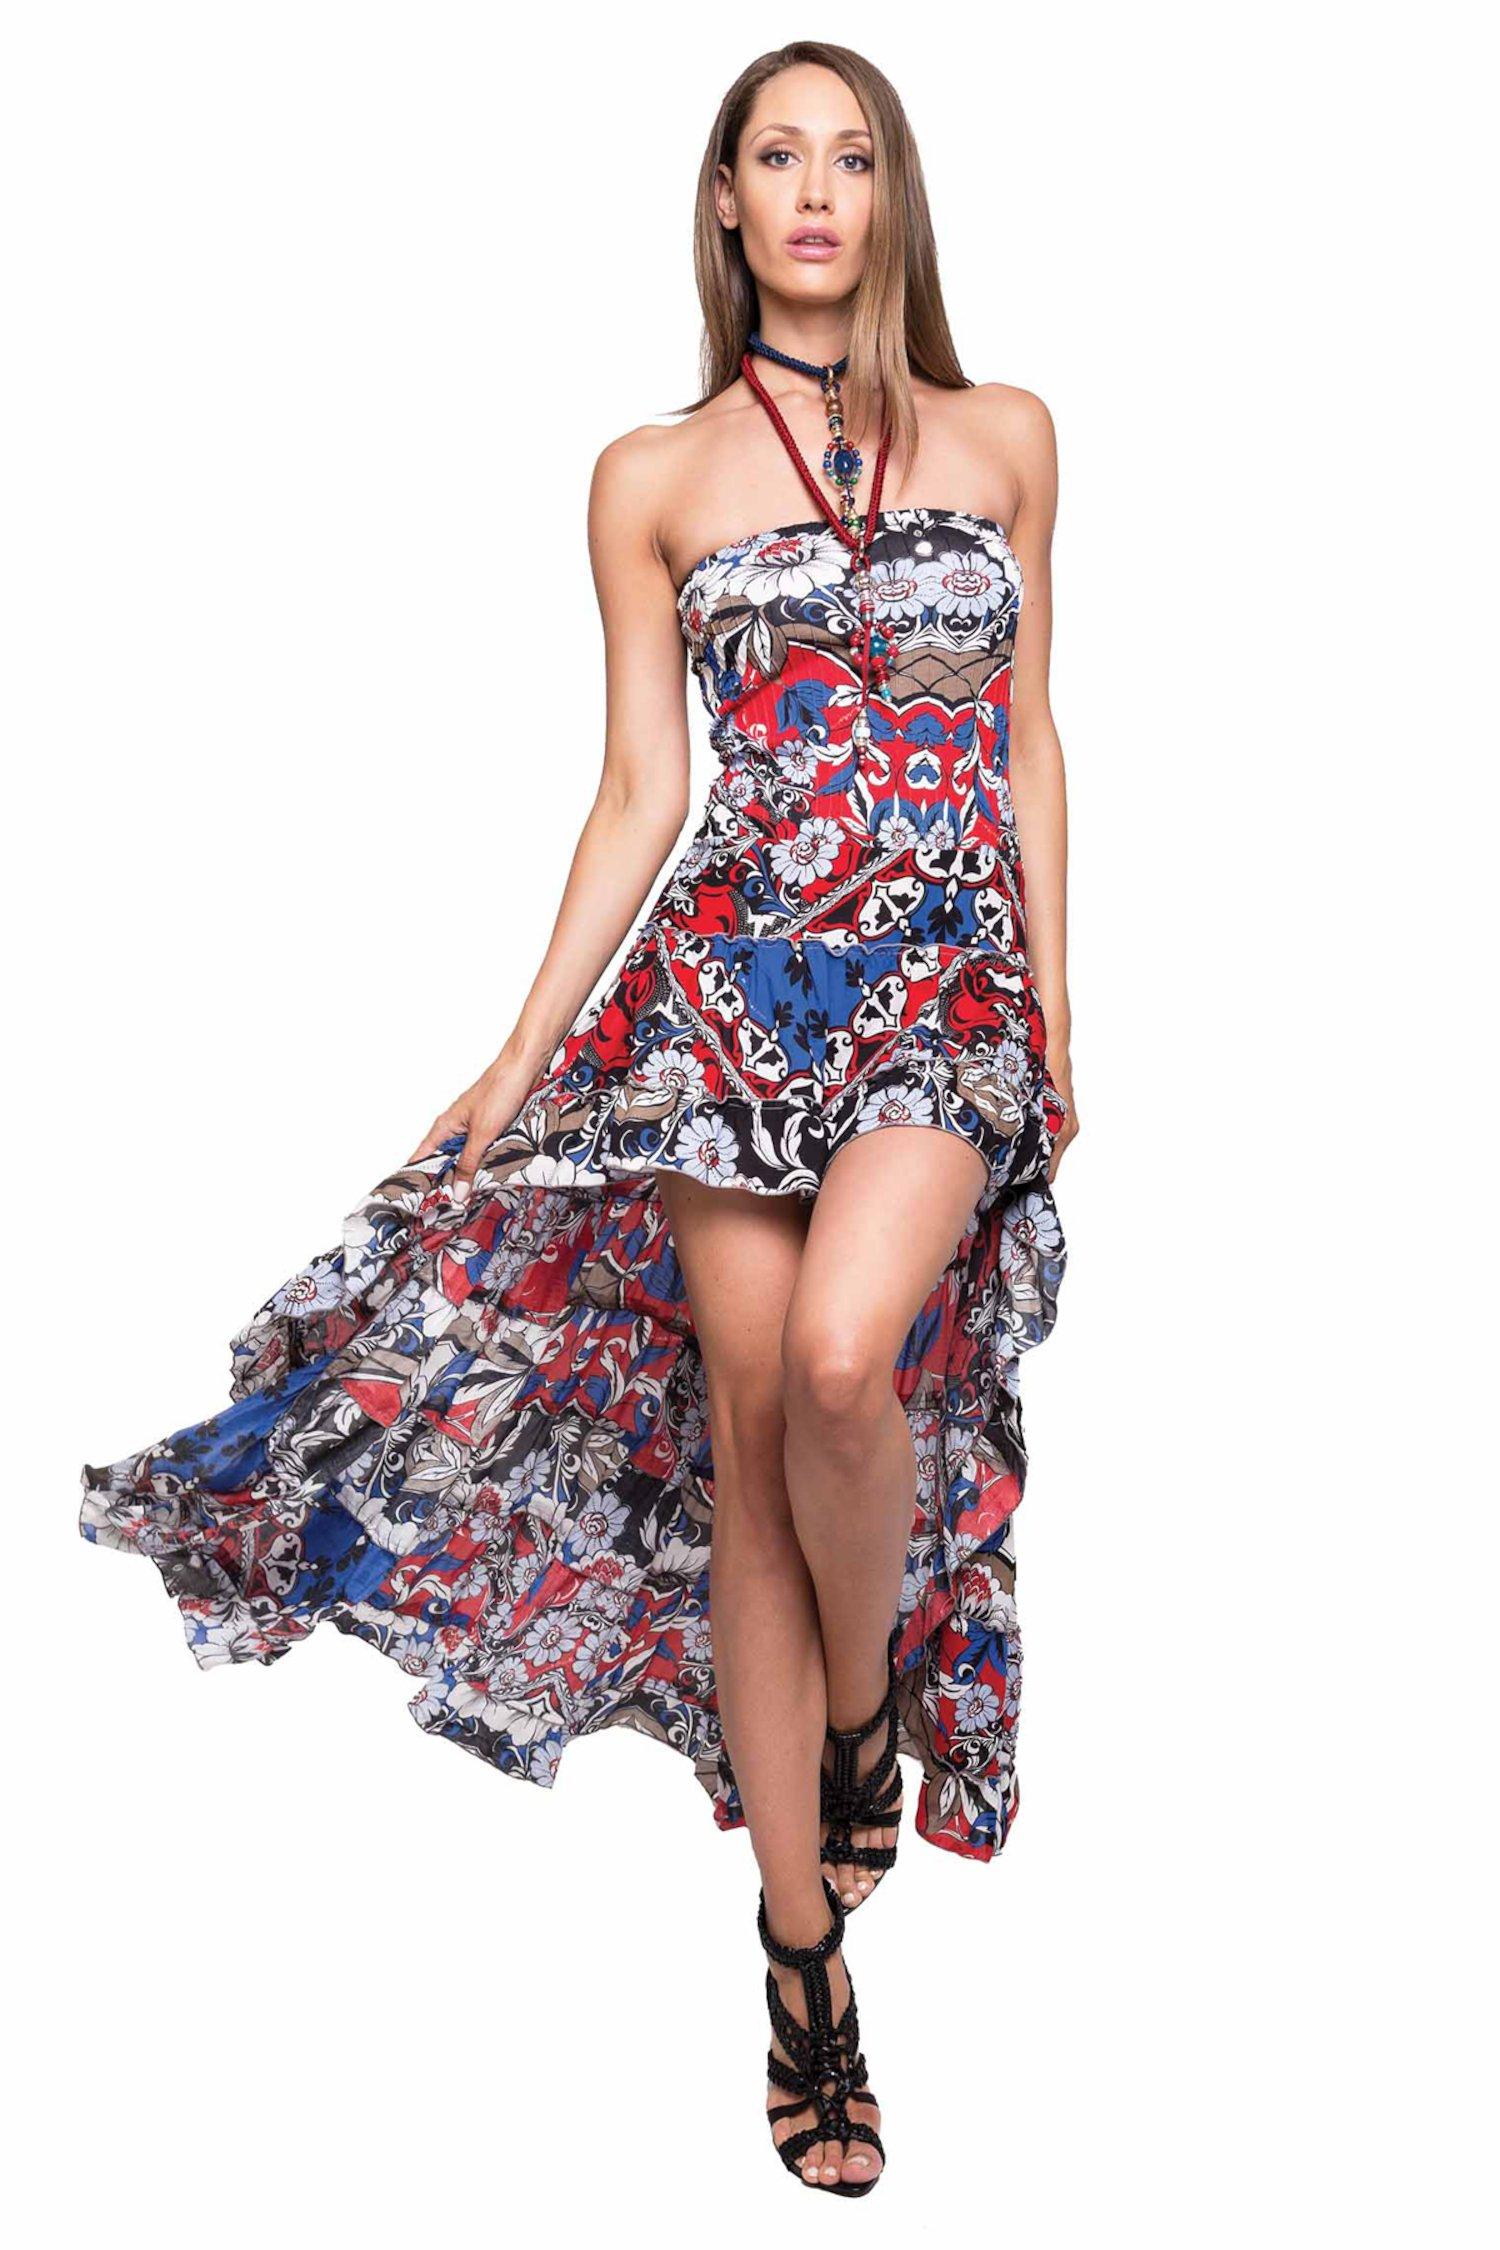 LONG ASYMMETRIC DRESS - Bandana Blu